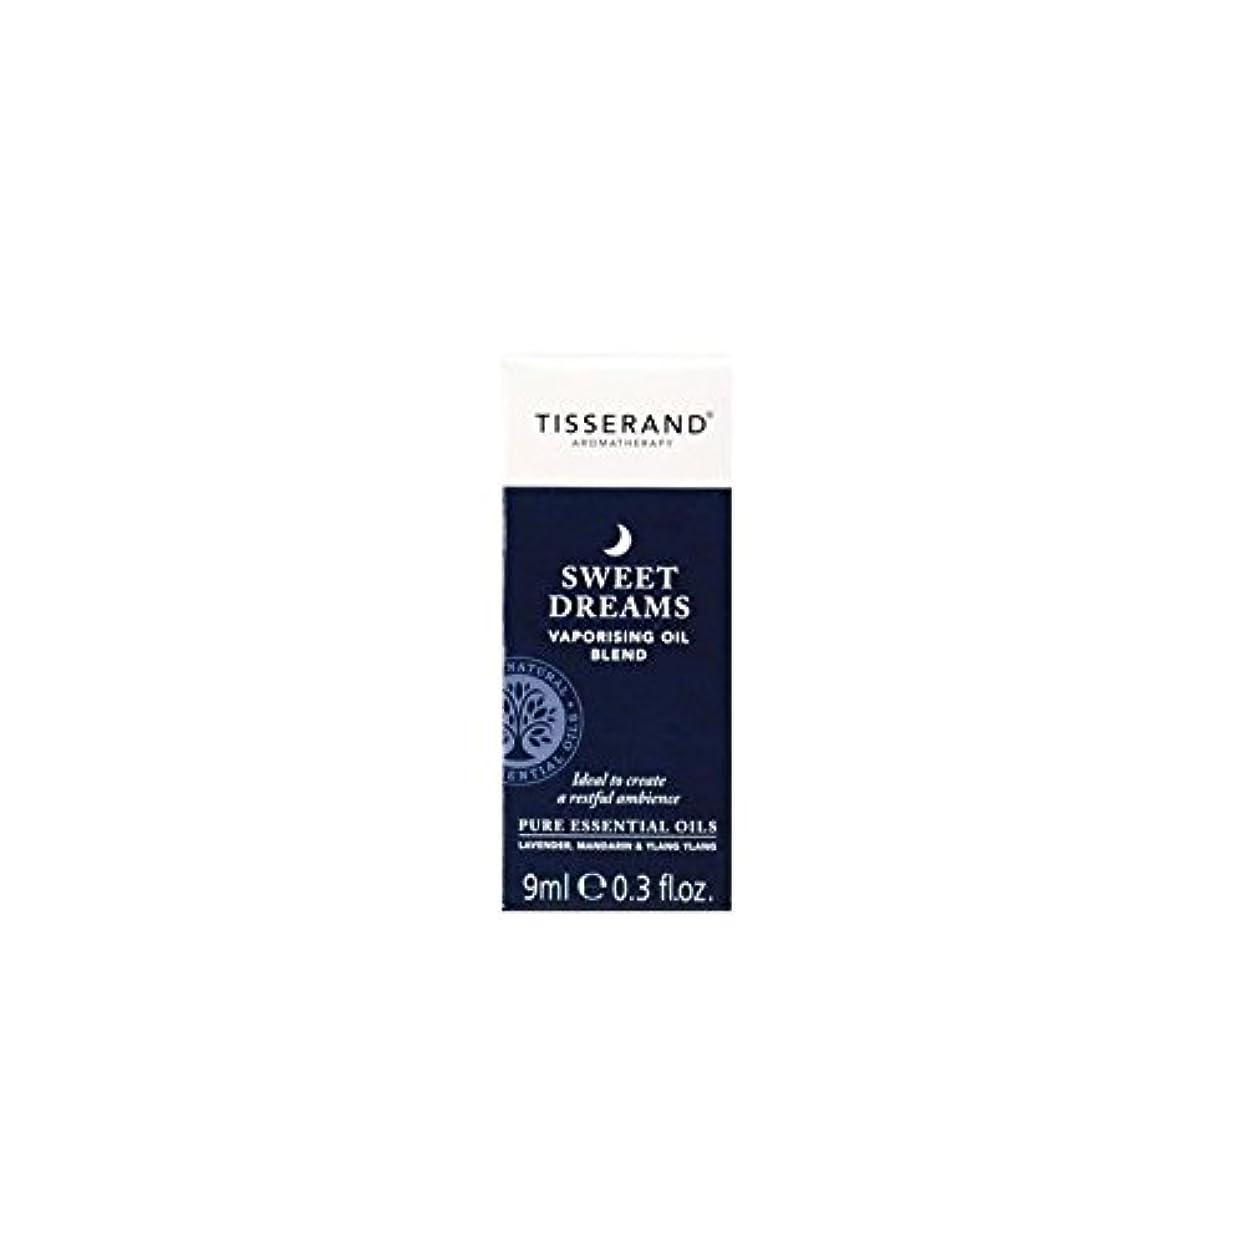 添加急襲幻滅するオイル9ミリリットルを気化甘い夢 (Tisserand) - Tisserand Sweet Dreams Vaporising Oil 9ml [並行輸入品]